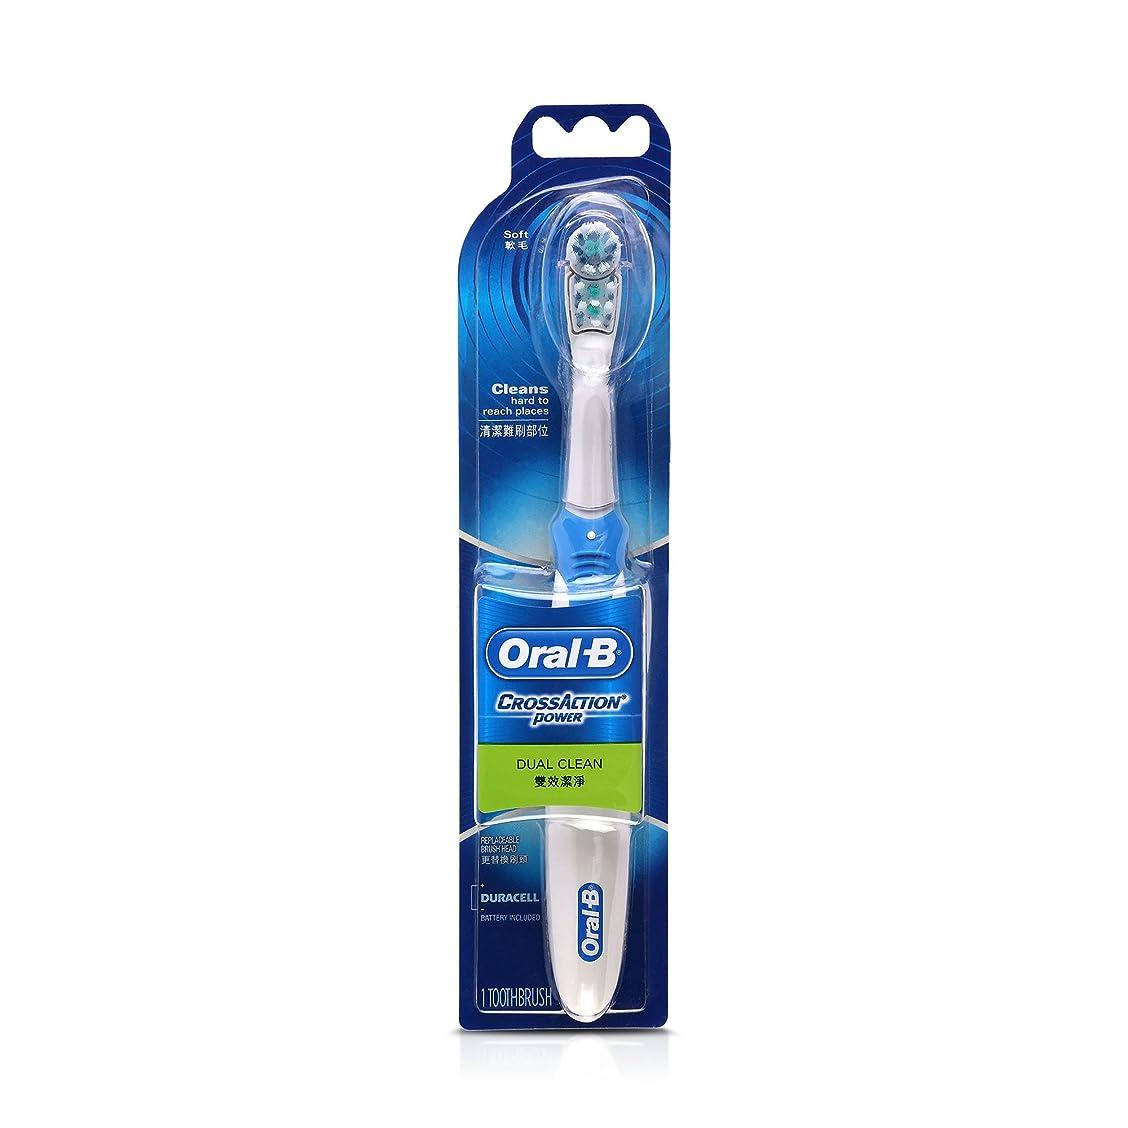 アンカー項目急いでOral B Cross Action Battery Powered Toothbrush - 1PC (COLOUR VARIES) (オーラルBクロスアクションバッテリー式歯ブラシ - 1PC(カラーバリエーション))